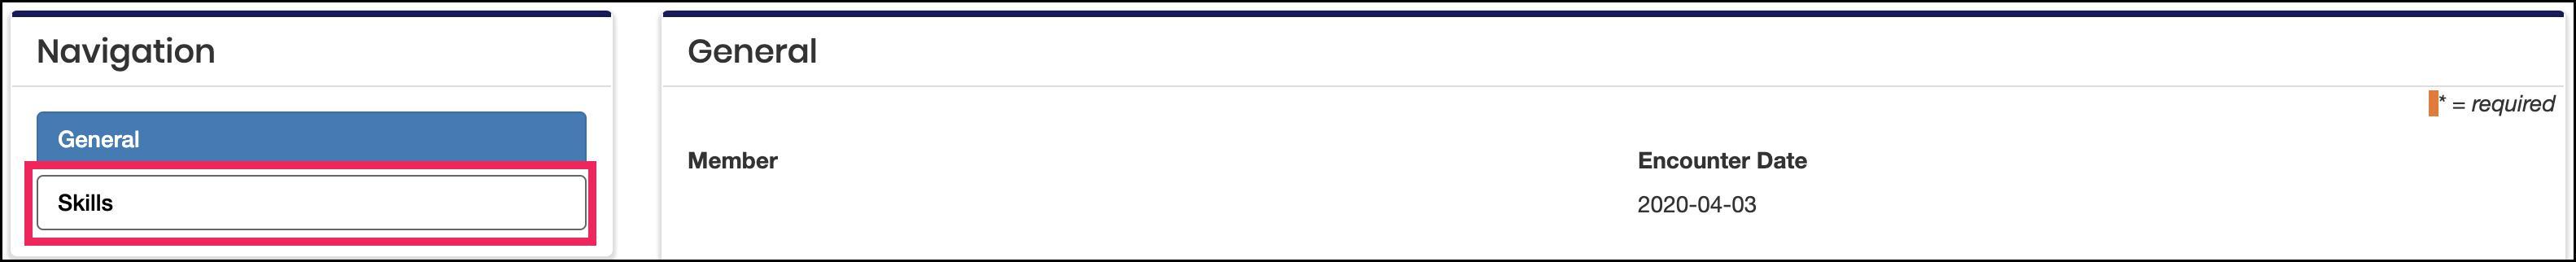 log edit page highlighting skills button on Navigation tile